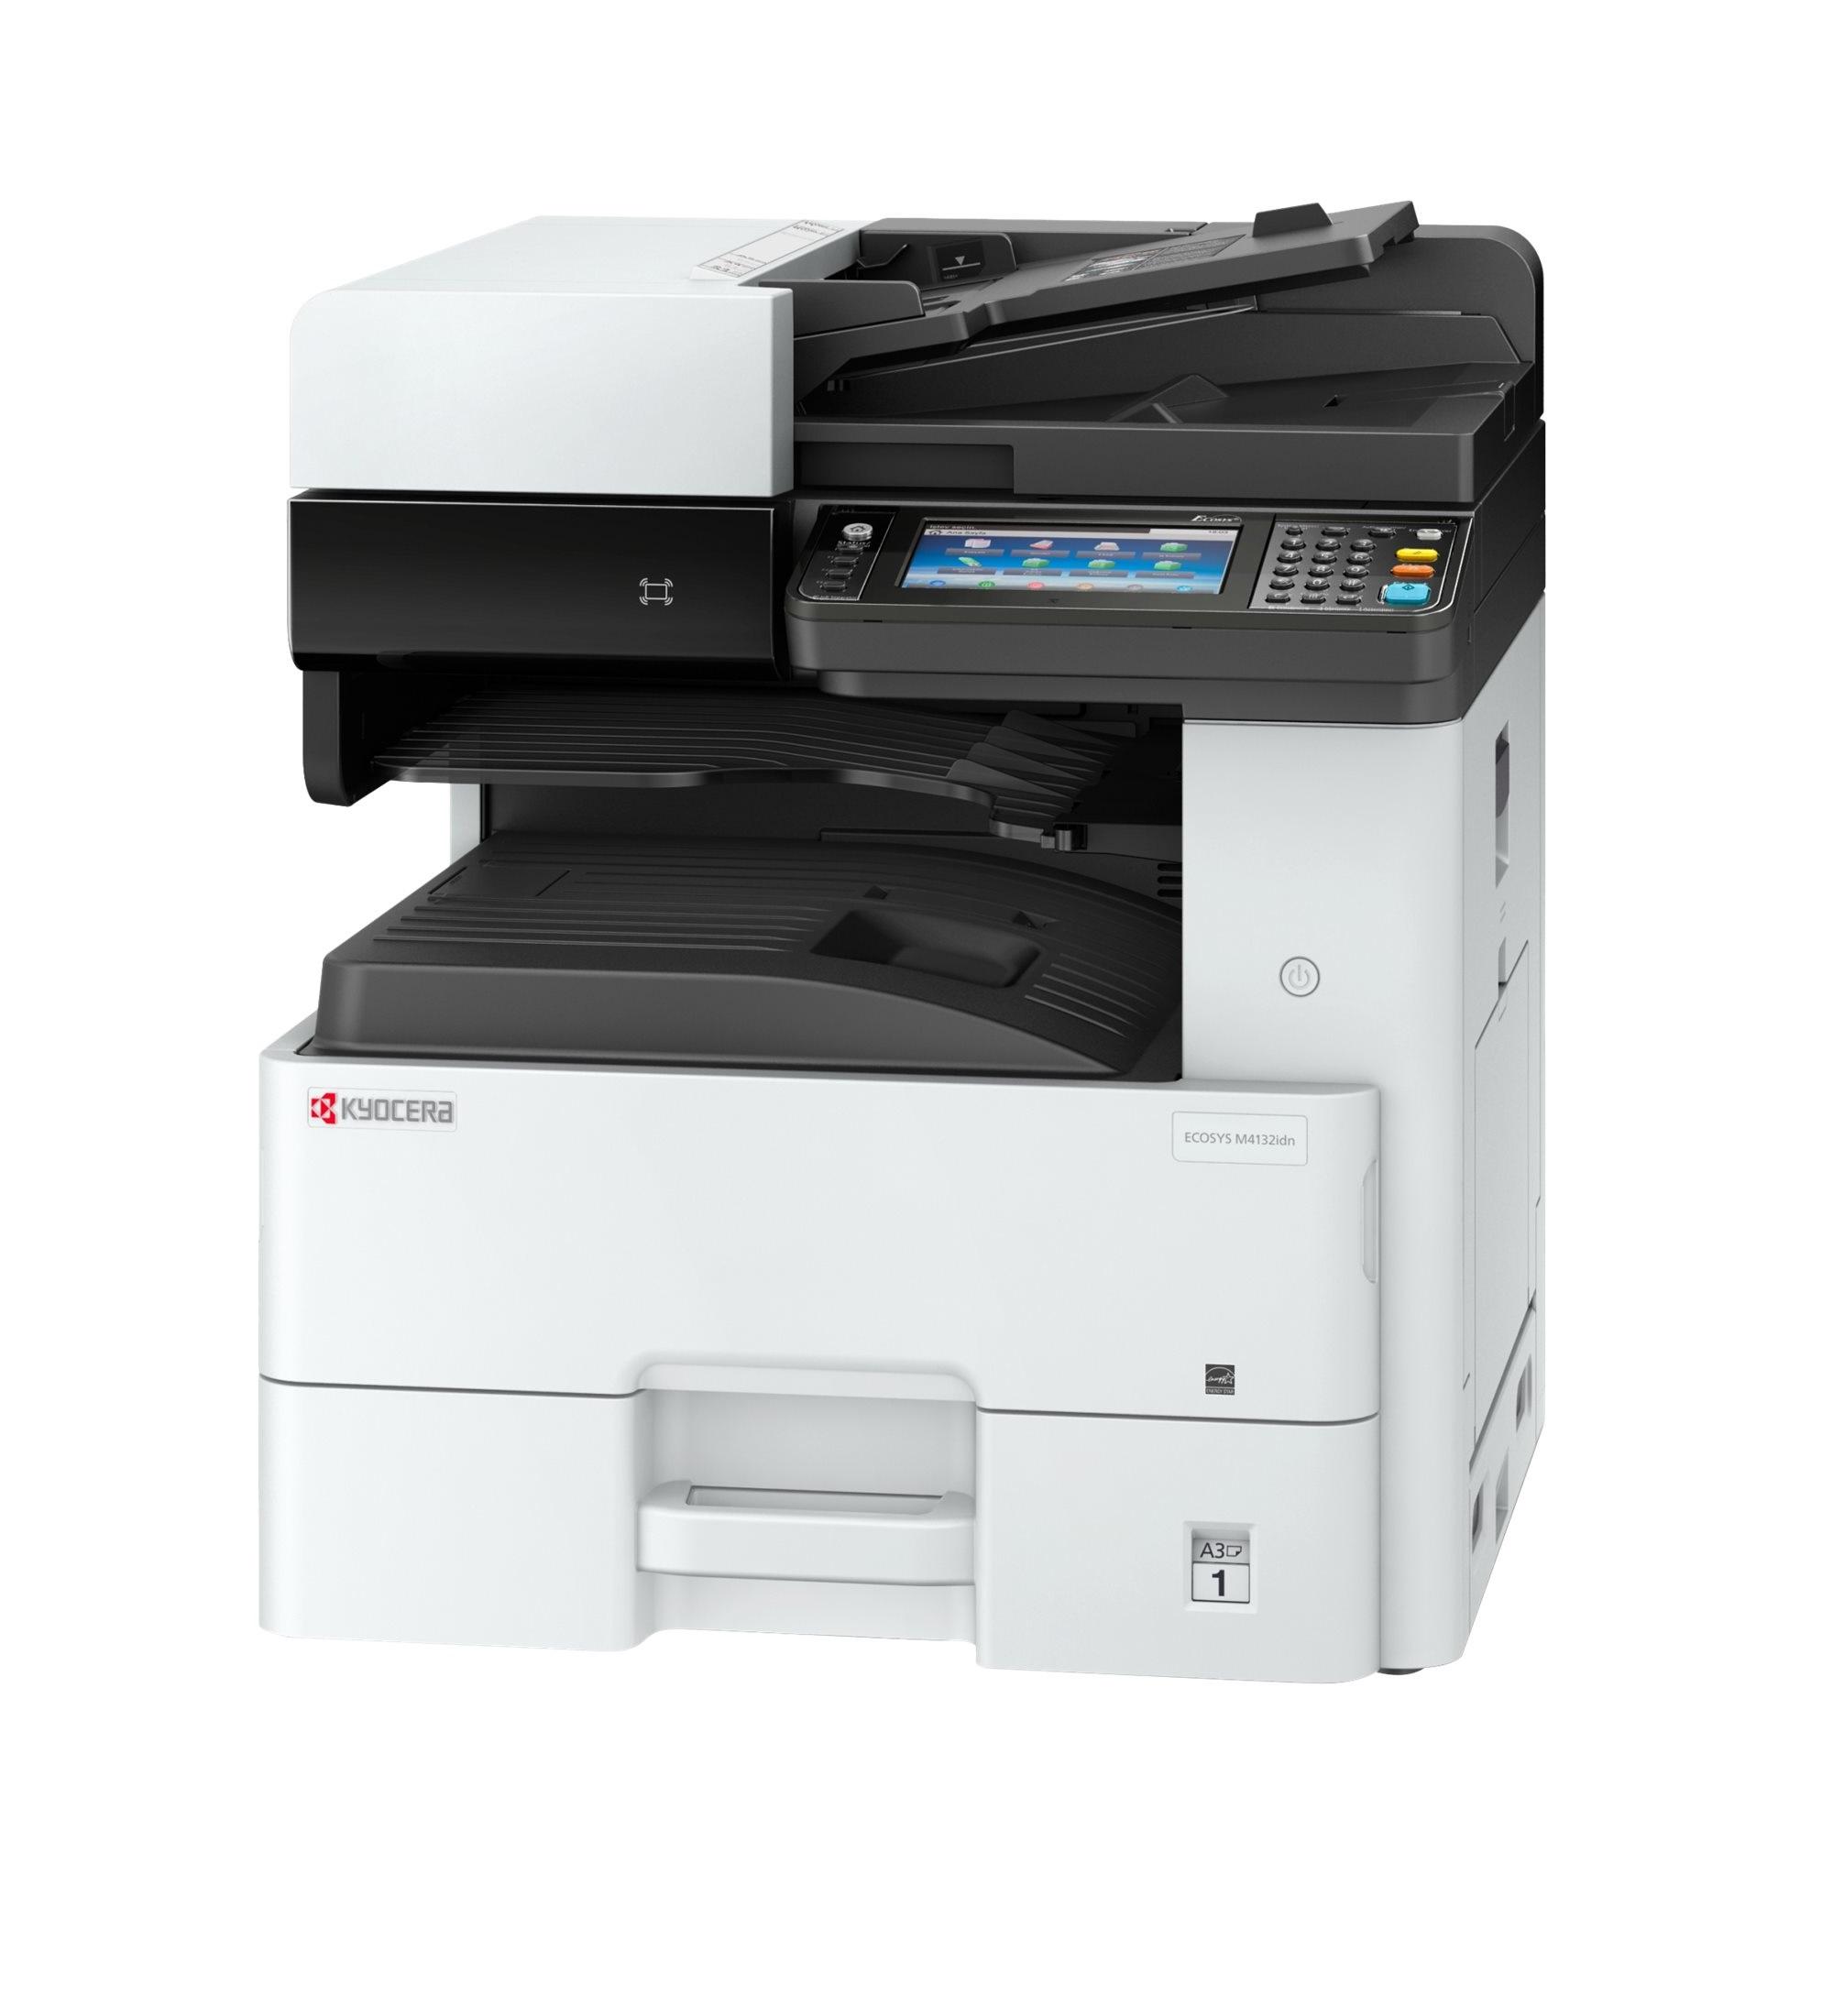 drucken bis zu 60 Seiten//Minute, Formate bis A3, 1.200 dpi, Duplex Kyocera Ecosys P8060cdn Farblaserdrucker